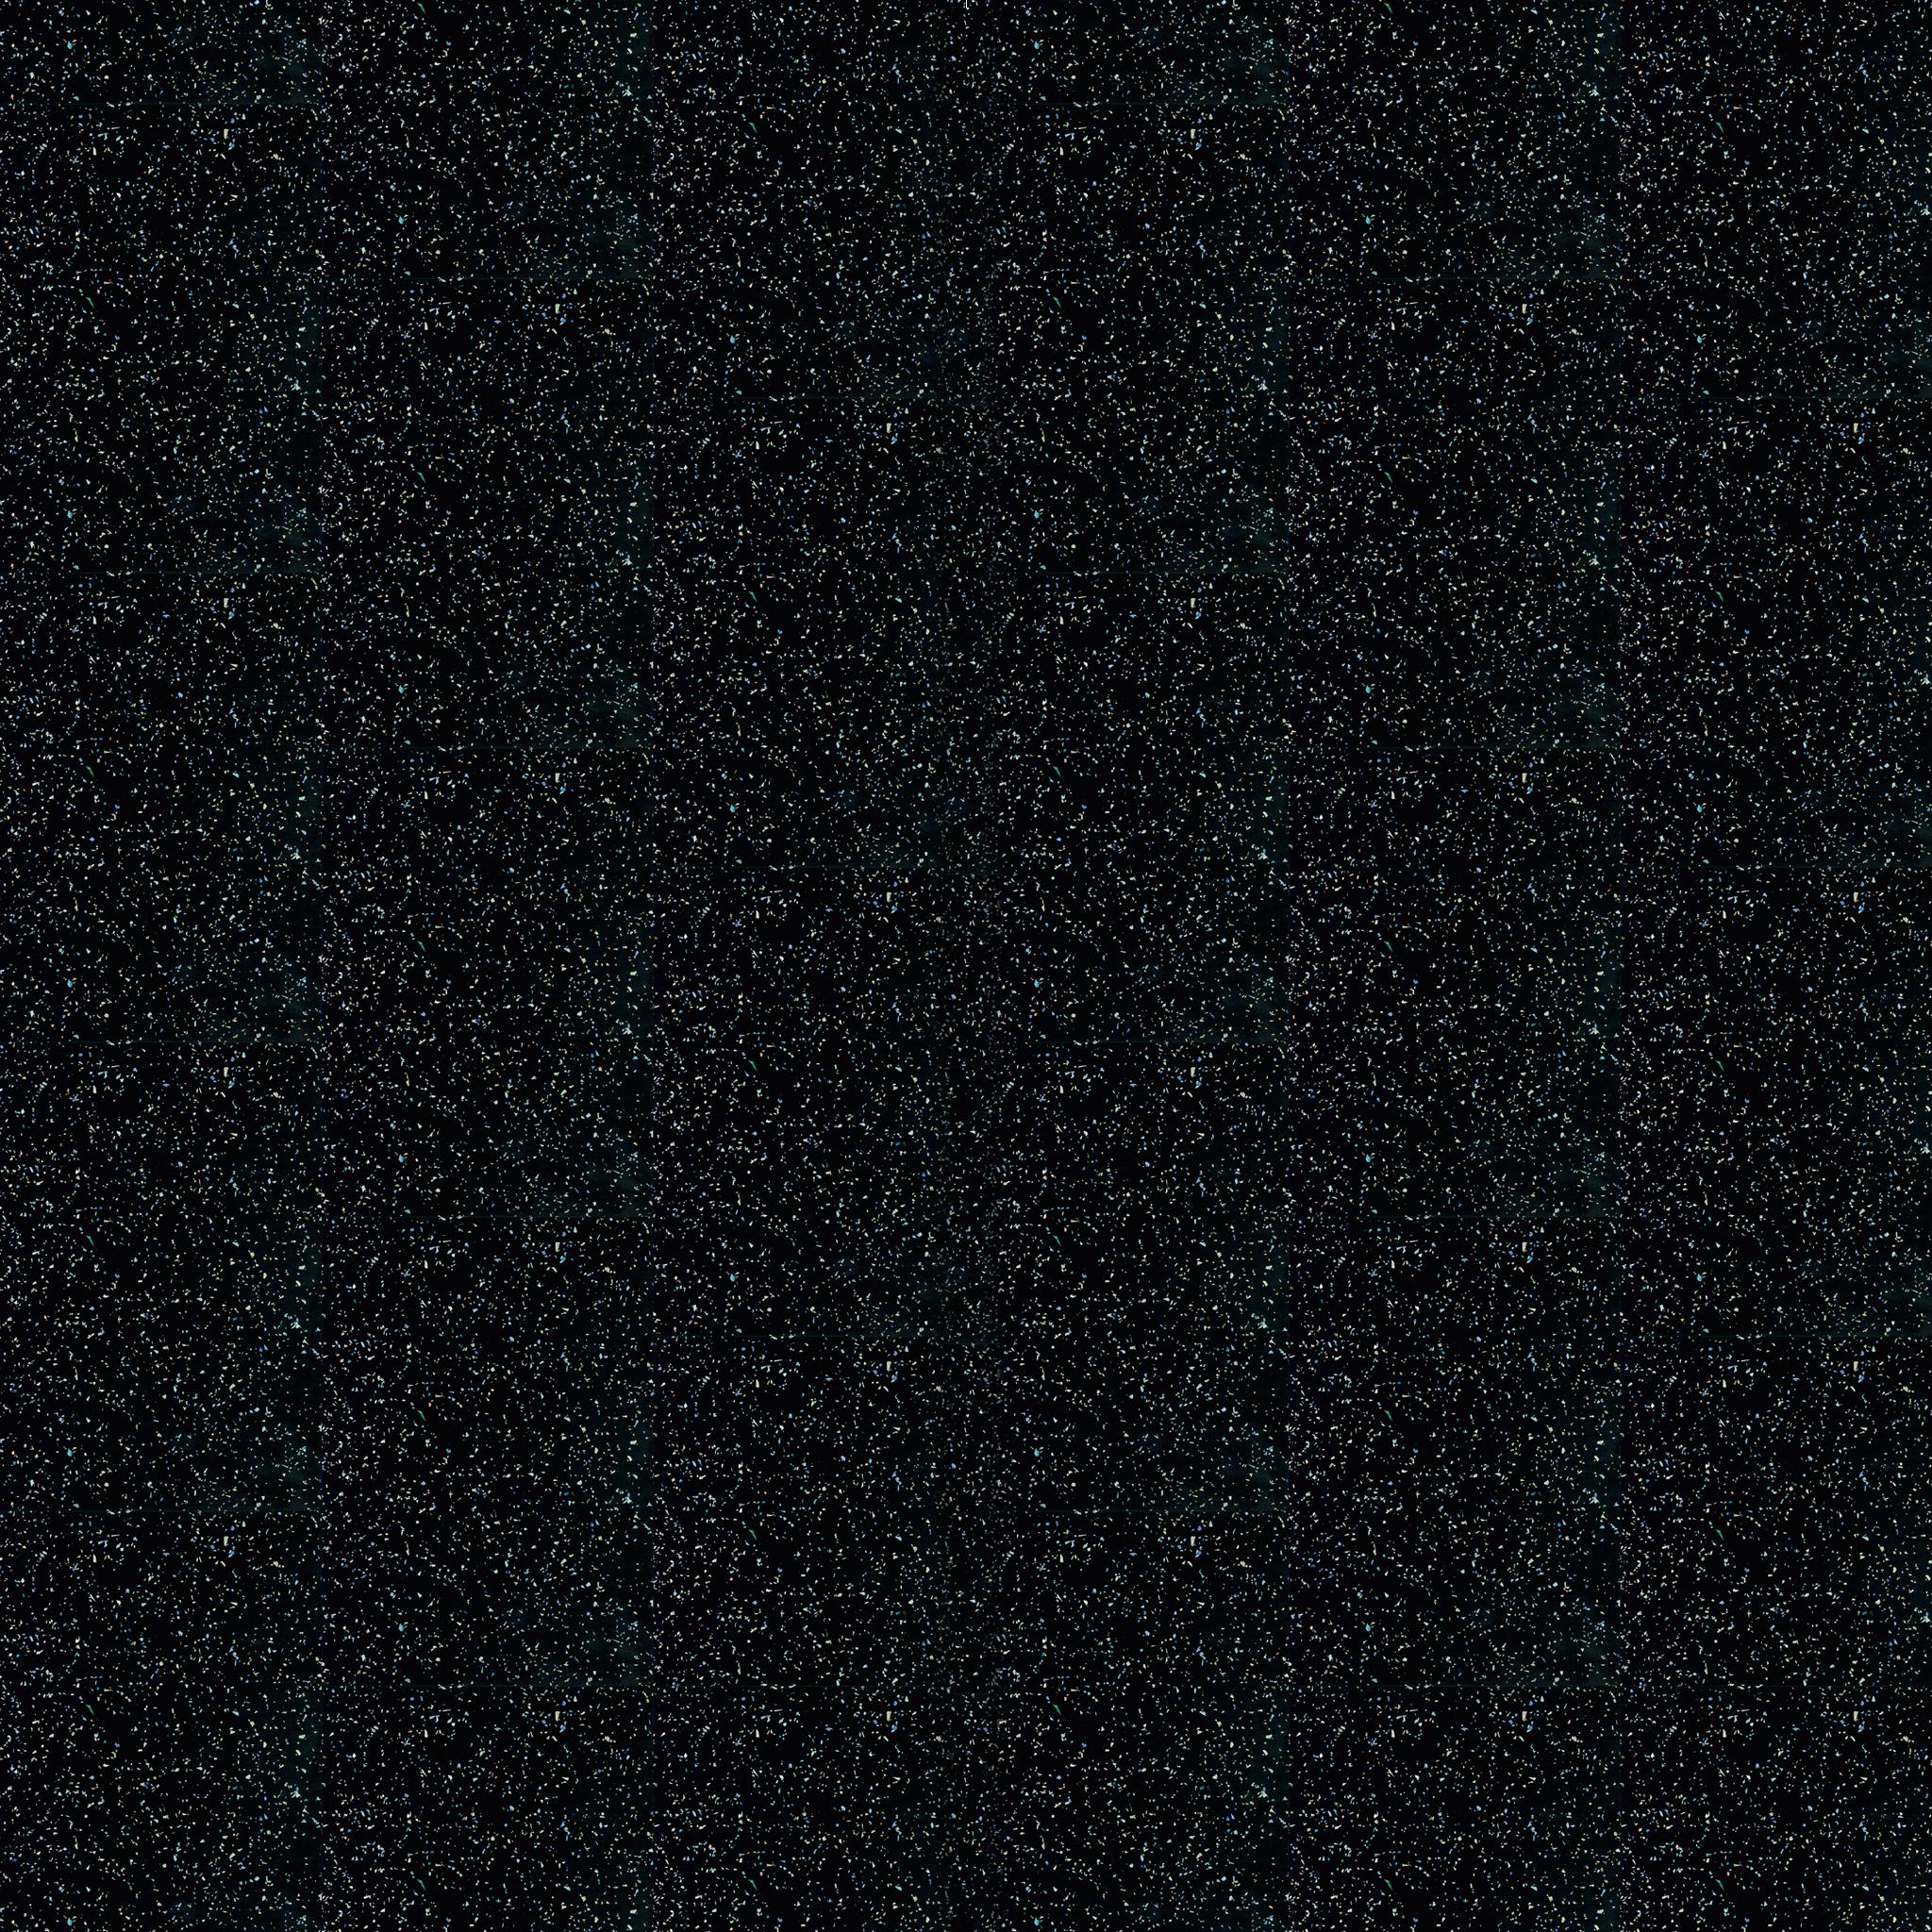 Twinkle Black 0905